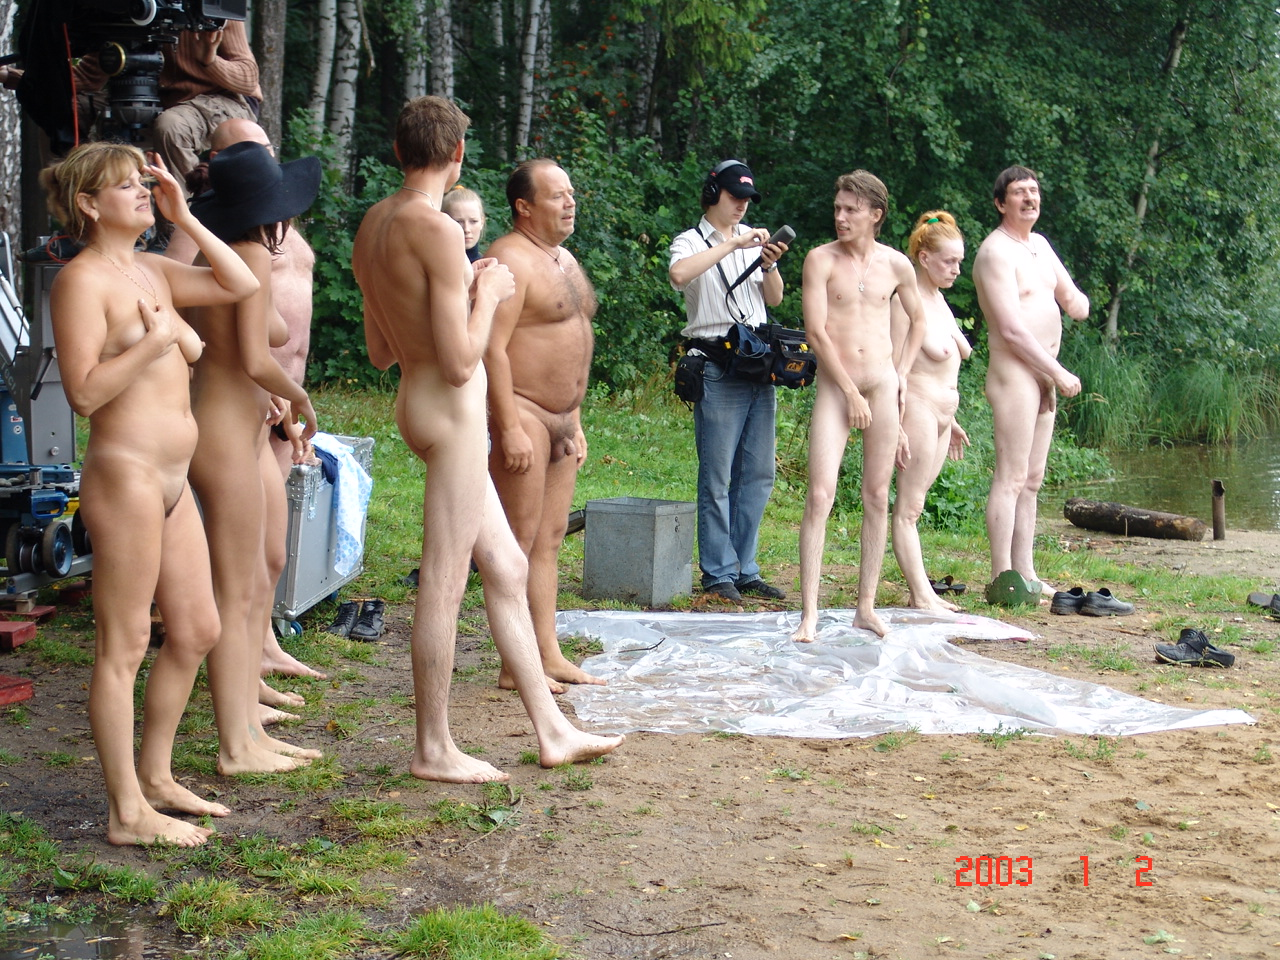 Опубликовано. Любительская съёмка молодёжного секса в ванной. Шлюшка